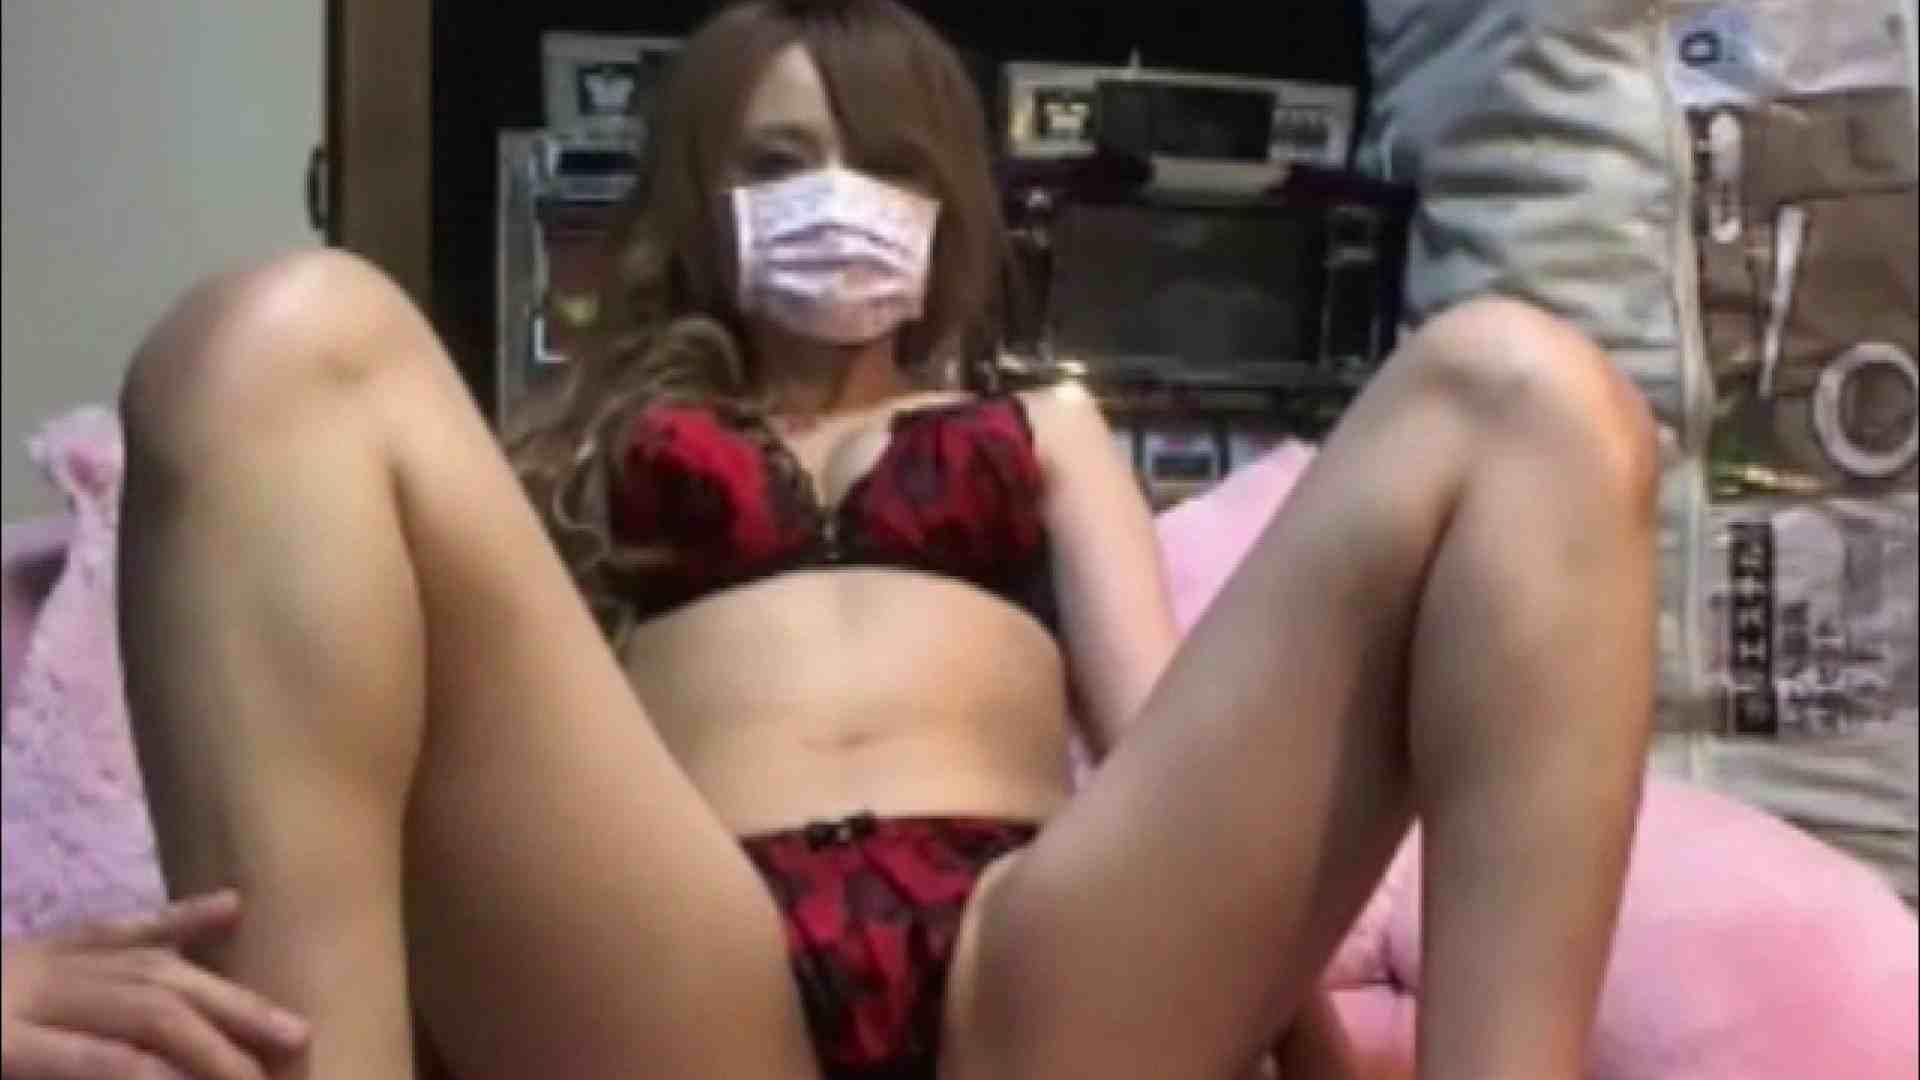 完全素人!!訳アリ女良のラブライフ♪vol.7前編 巨乳 AV無料動画キャプチャ 74連発 6